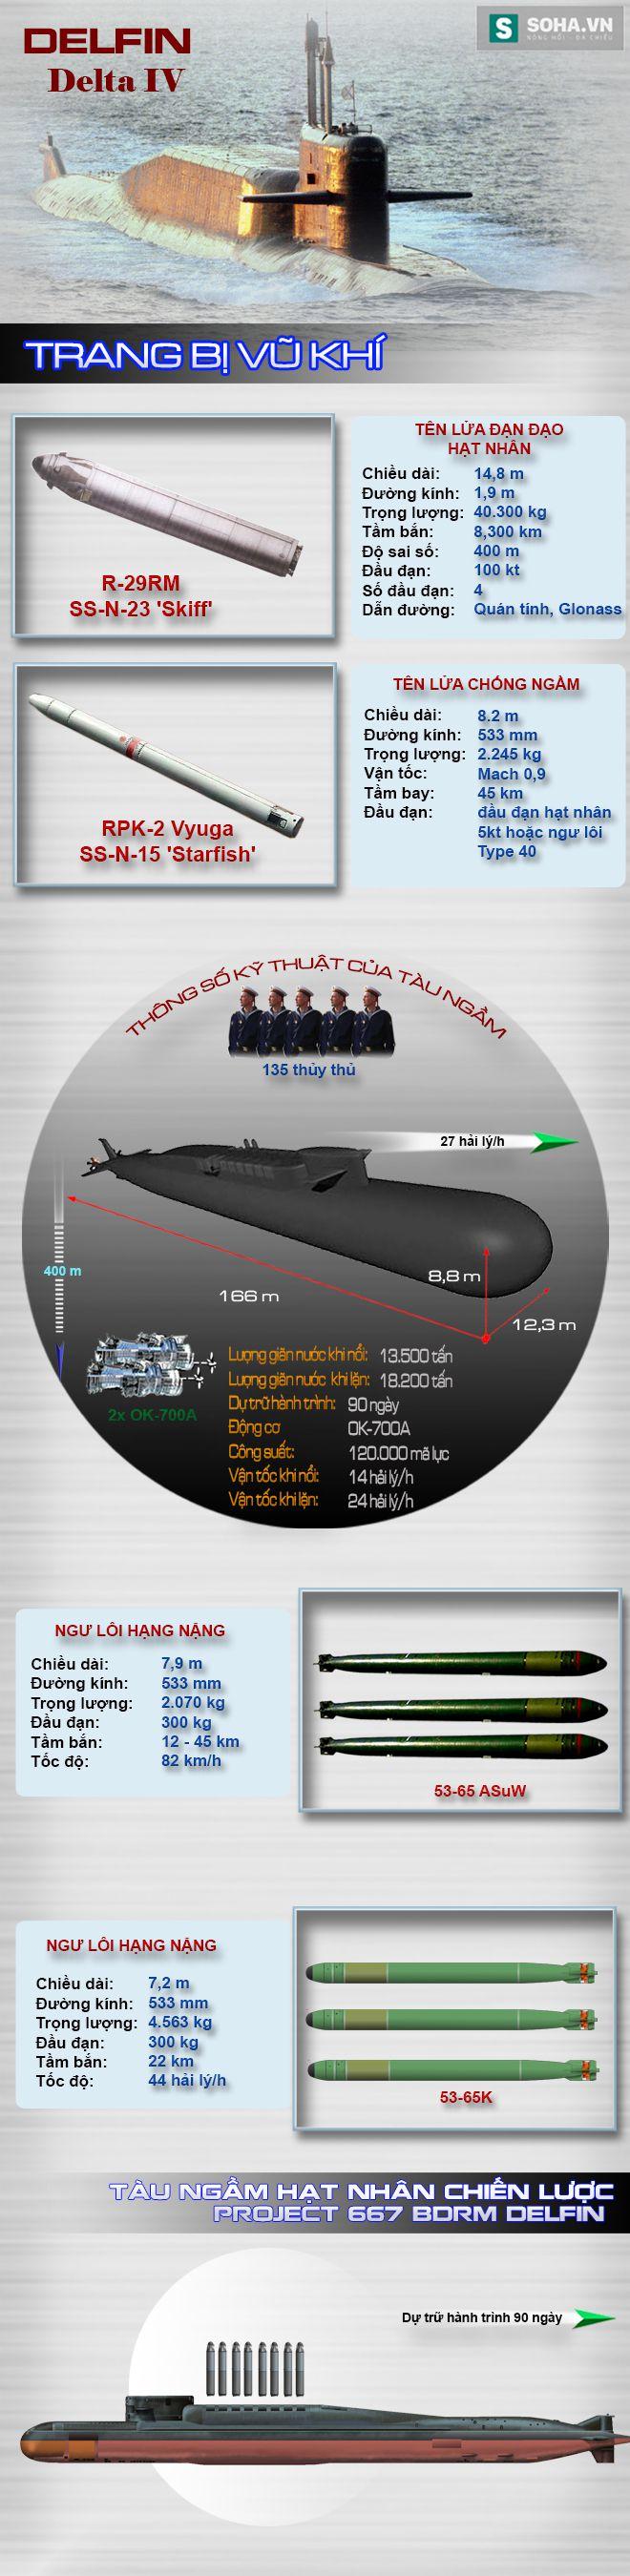 Năng lực răn đe hạt nhân đáng sợ của Át chủ bài Hạm đội Biển Bắc - Ảnh 1.